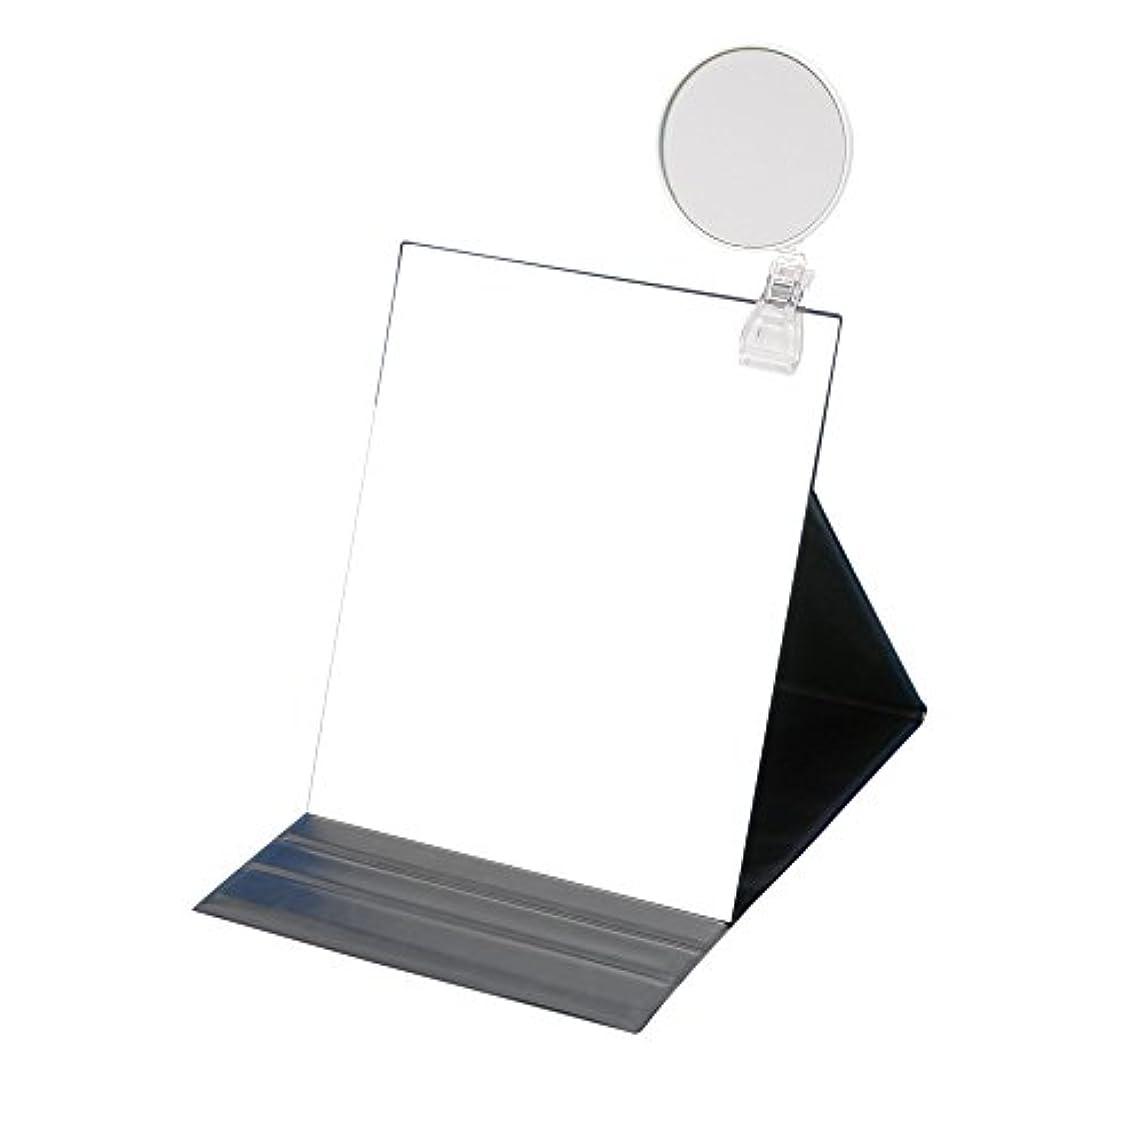 アルカイック後方固めるナピュアミラー 5倍拡大鏡付きプロモデル折立ナピュアミラー3L ブラック HP-53×5